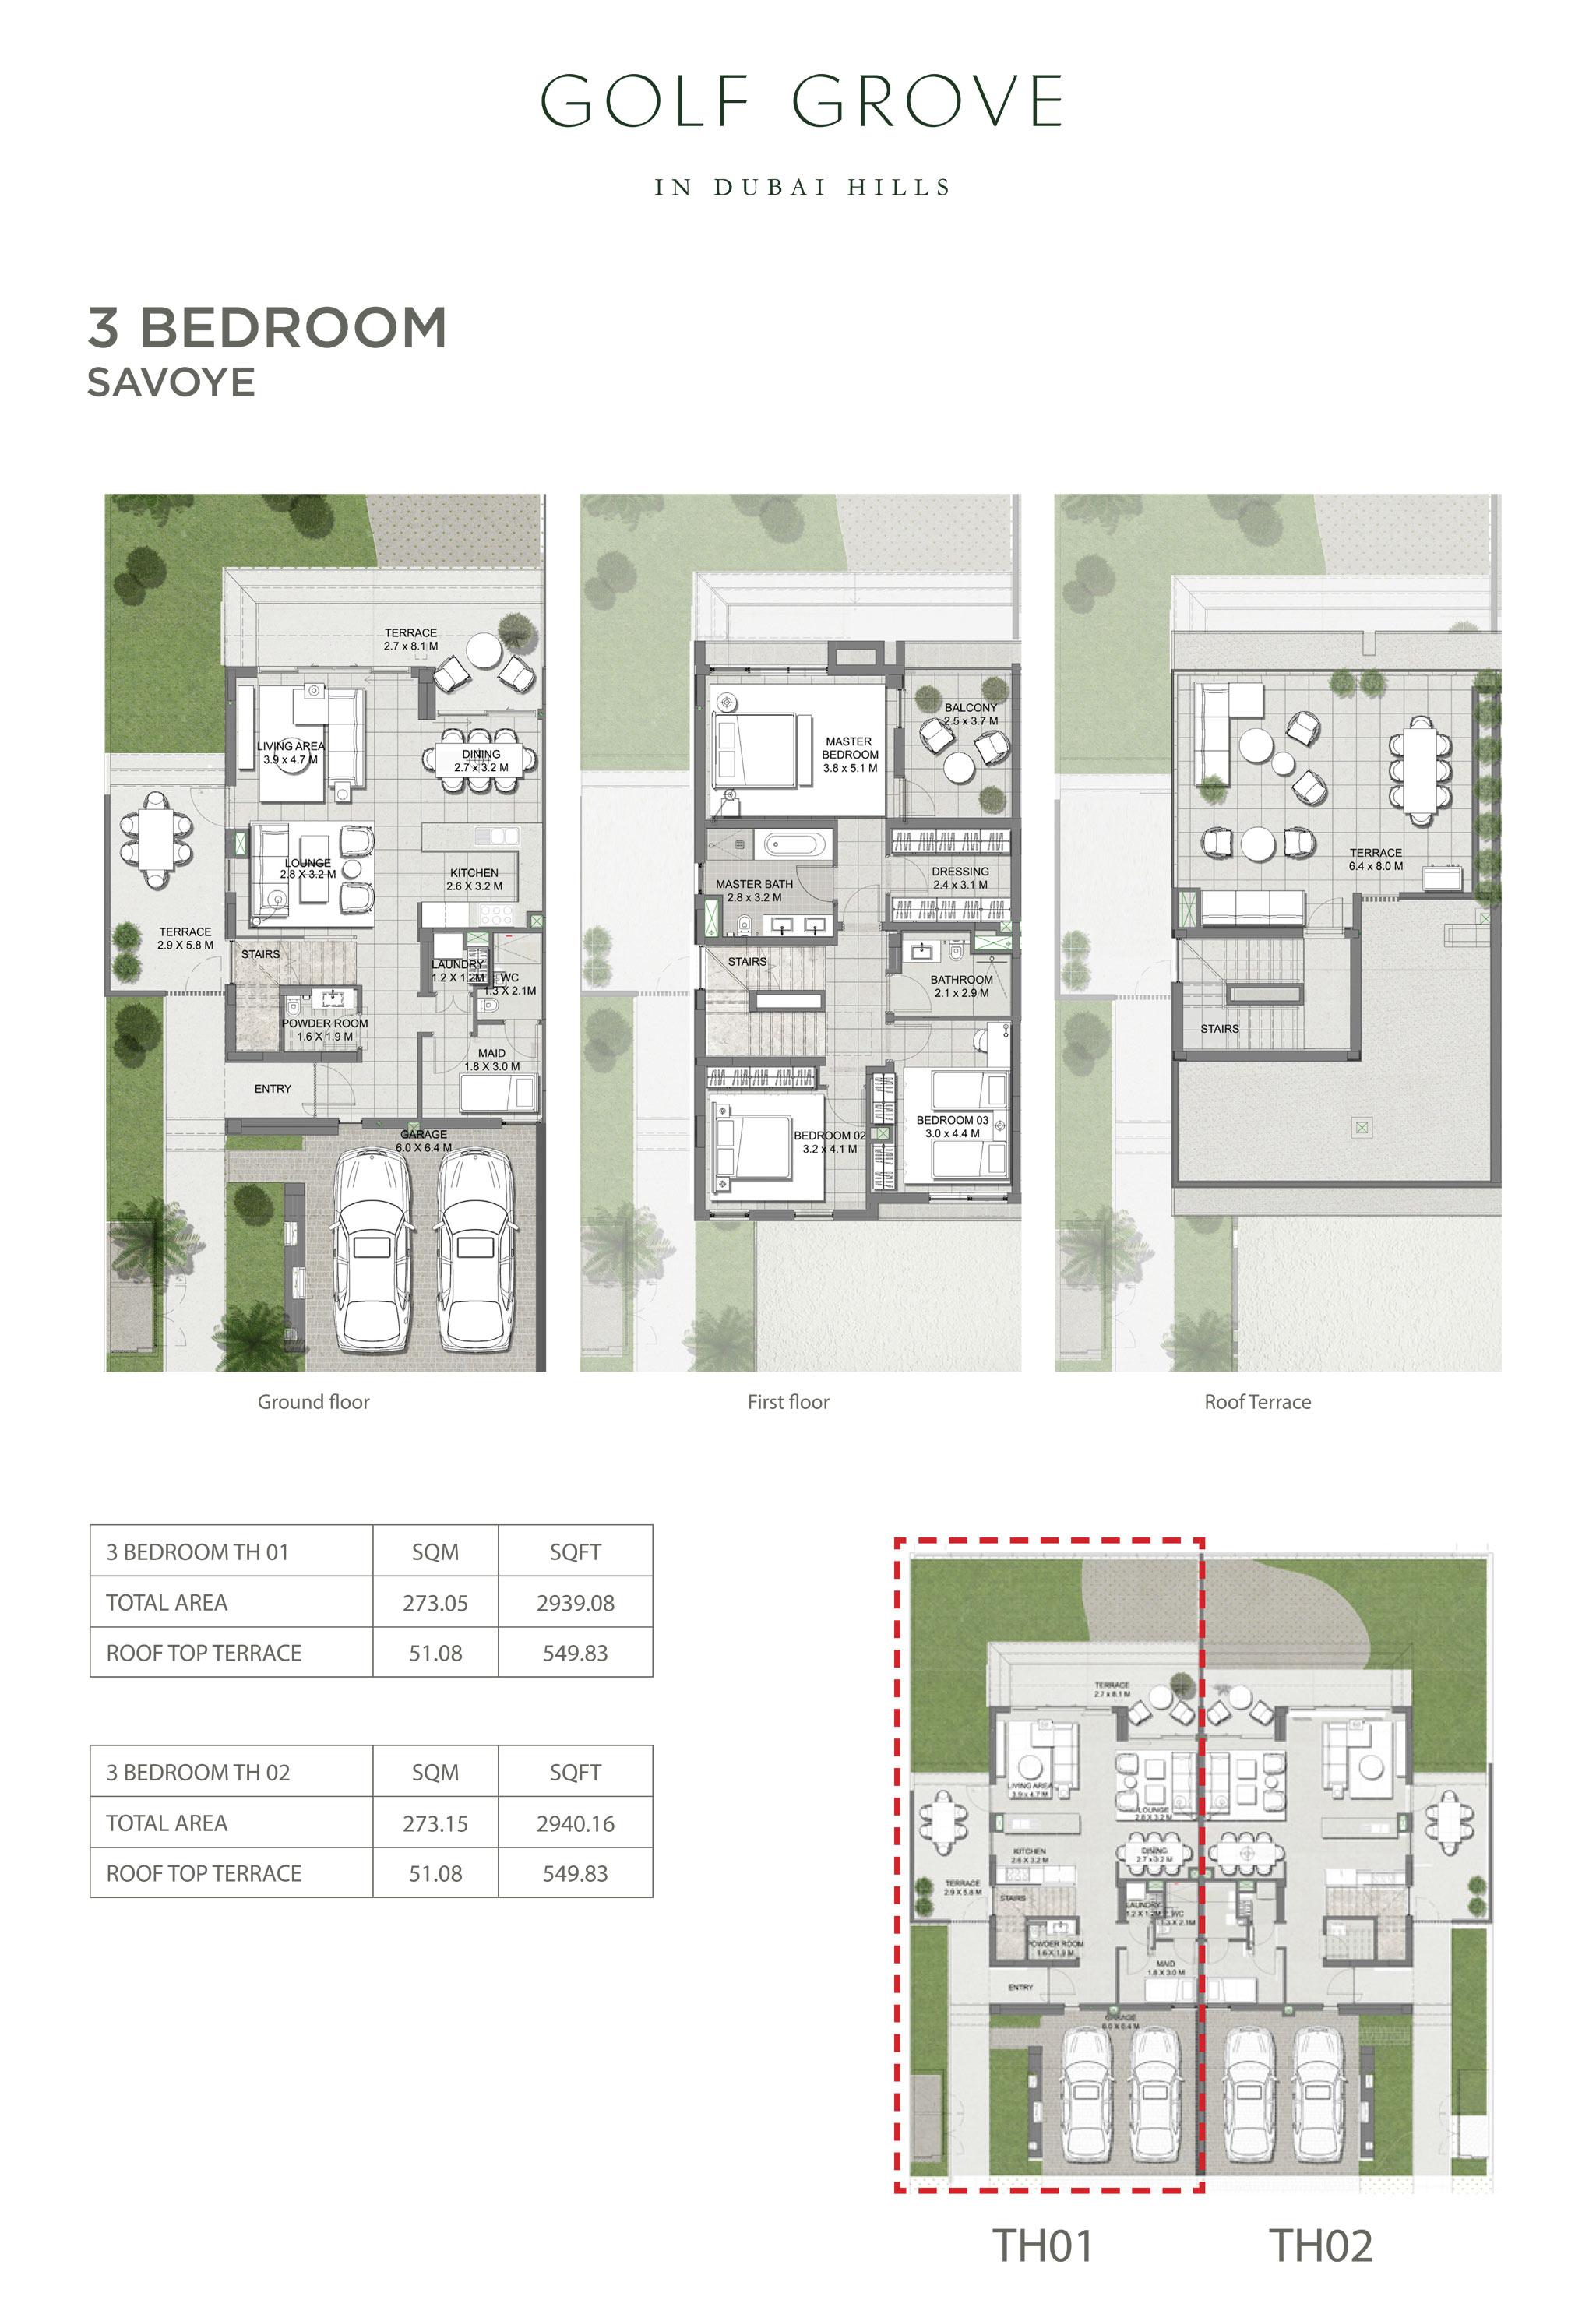 ثلاث غرف نوم– سافوي -  حجم: 2940 قدم مربع